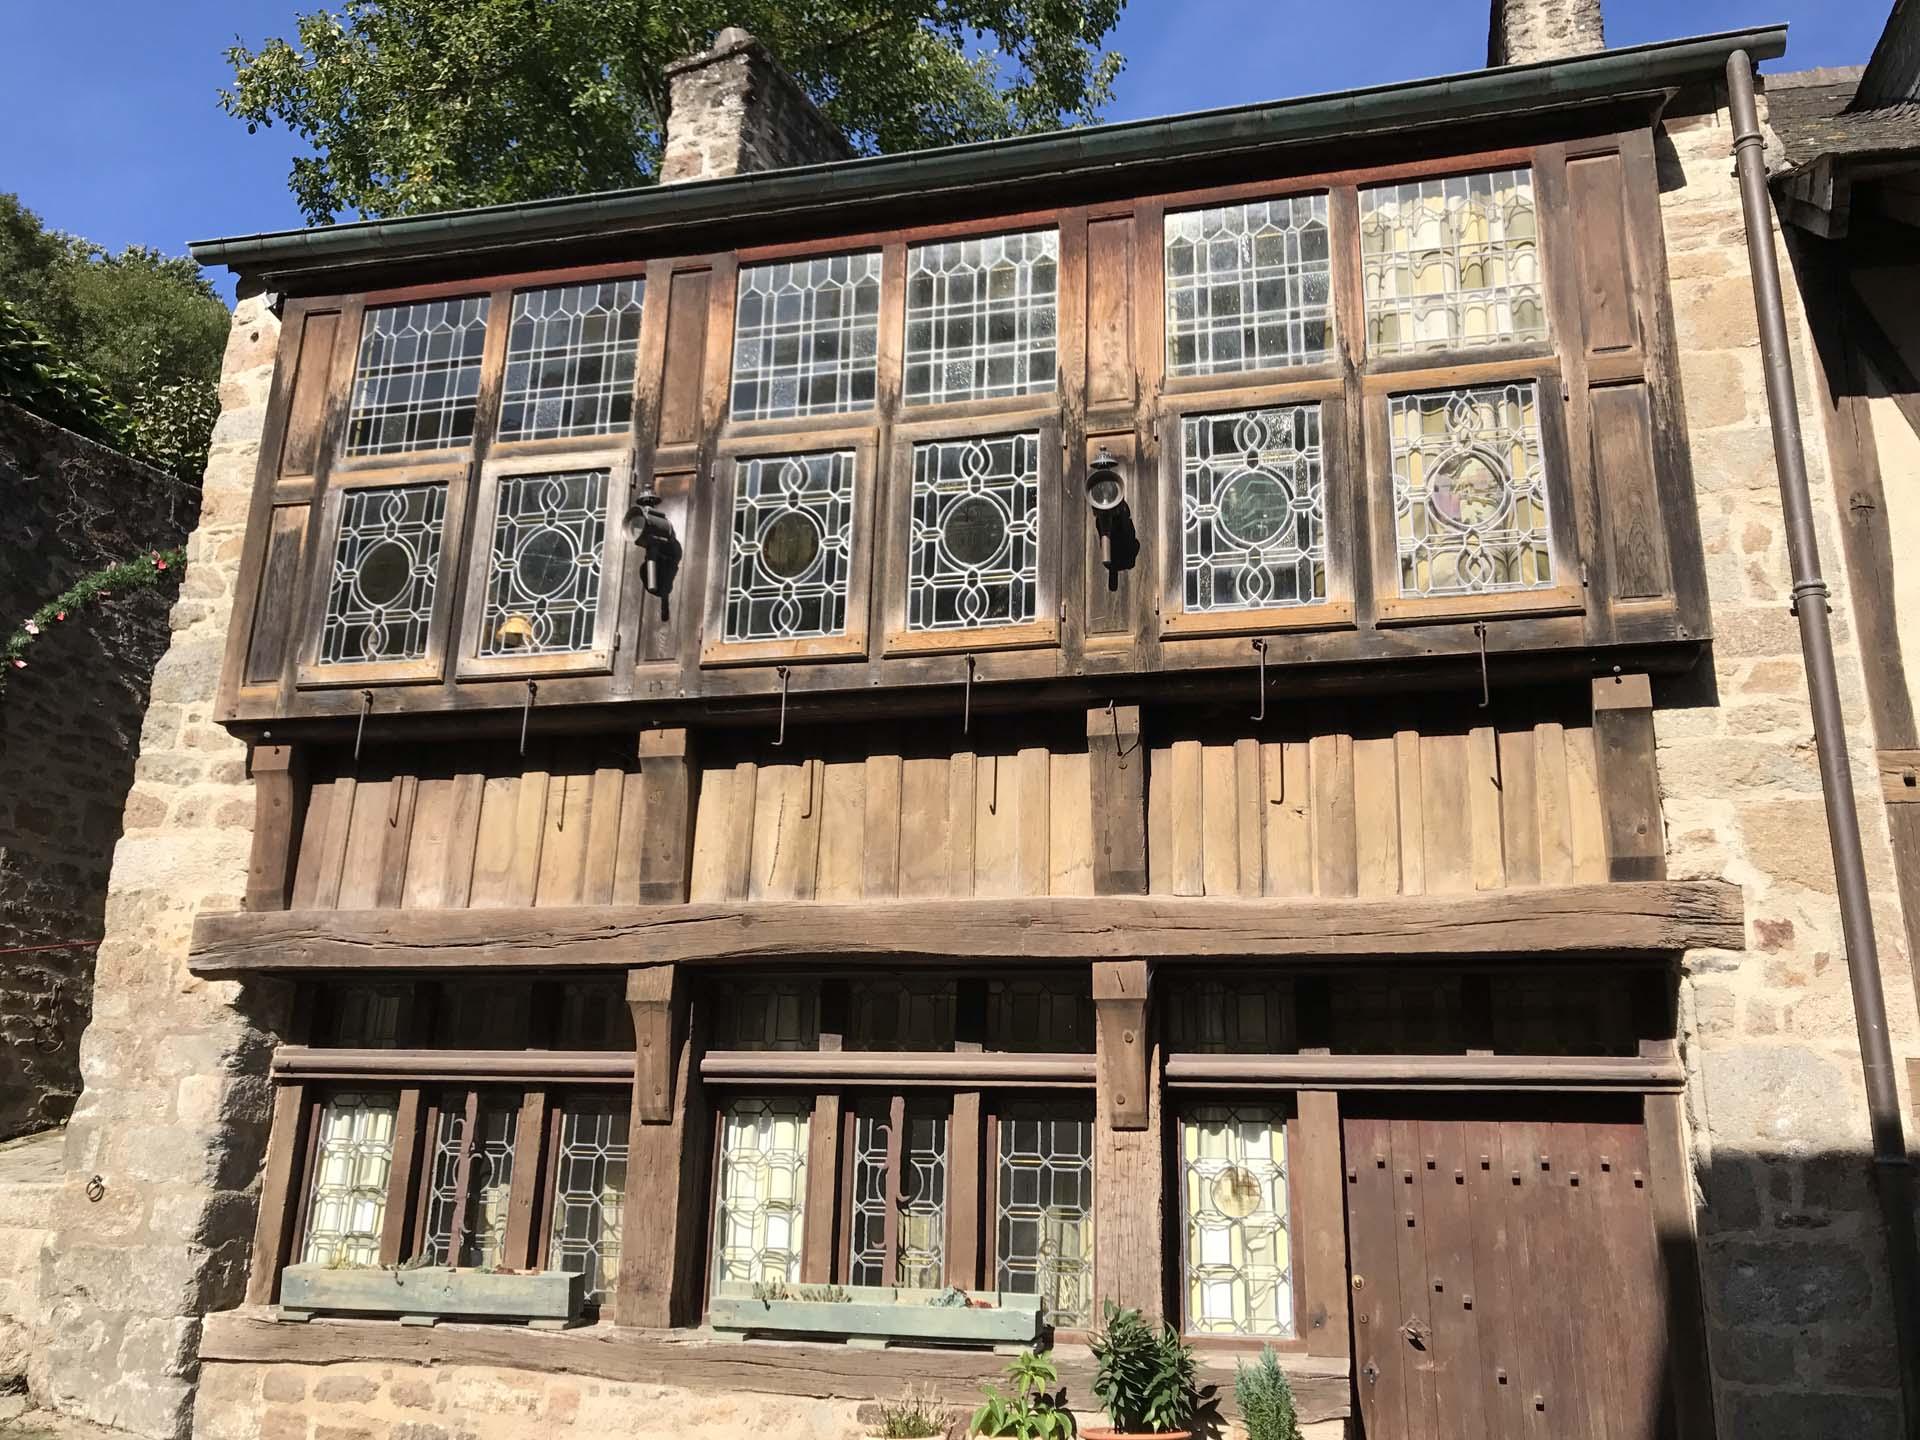 ディナンの透かし窓が付けられた木骨造りの建物